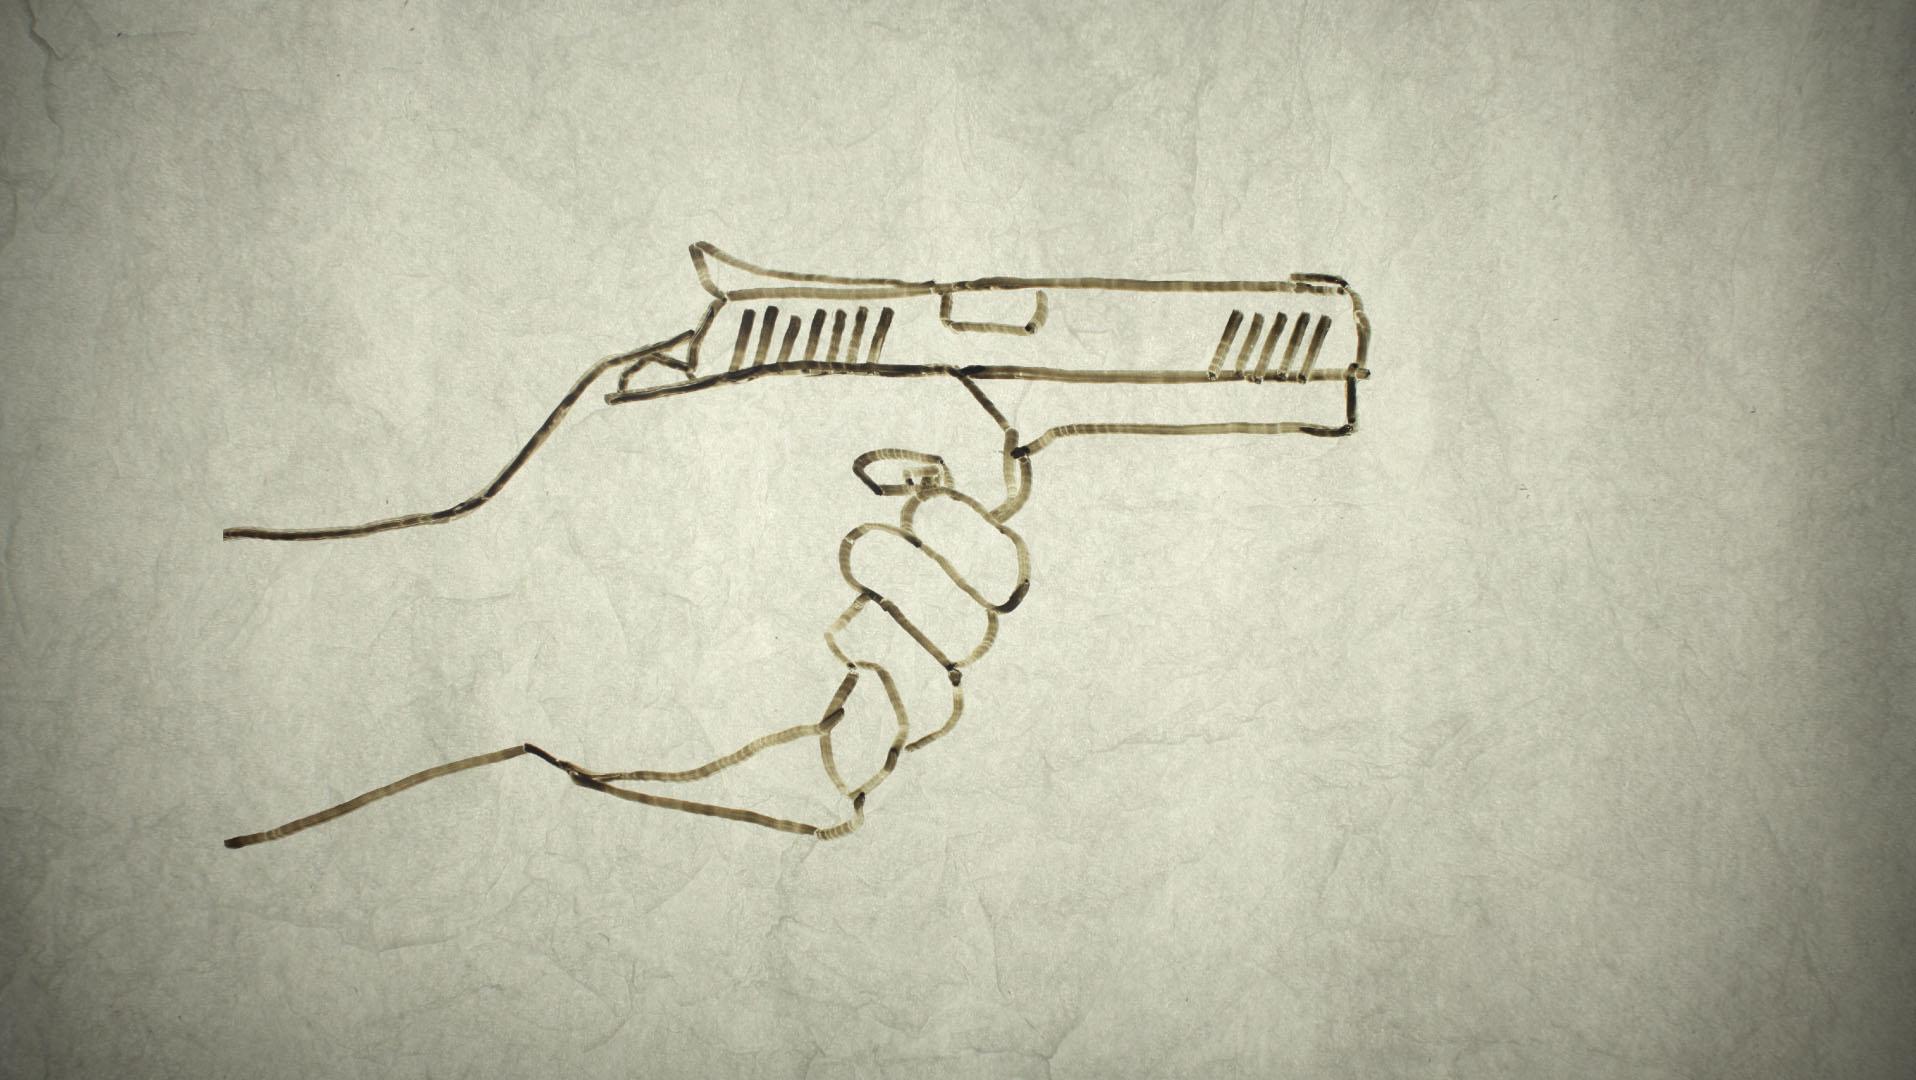 4406_Gun.jpg